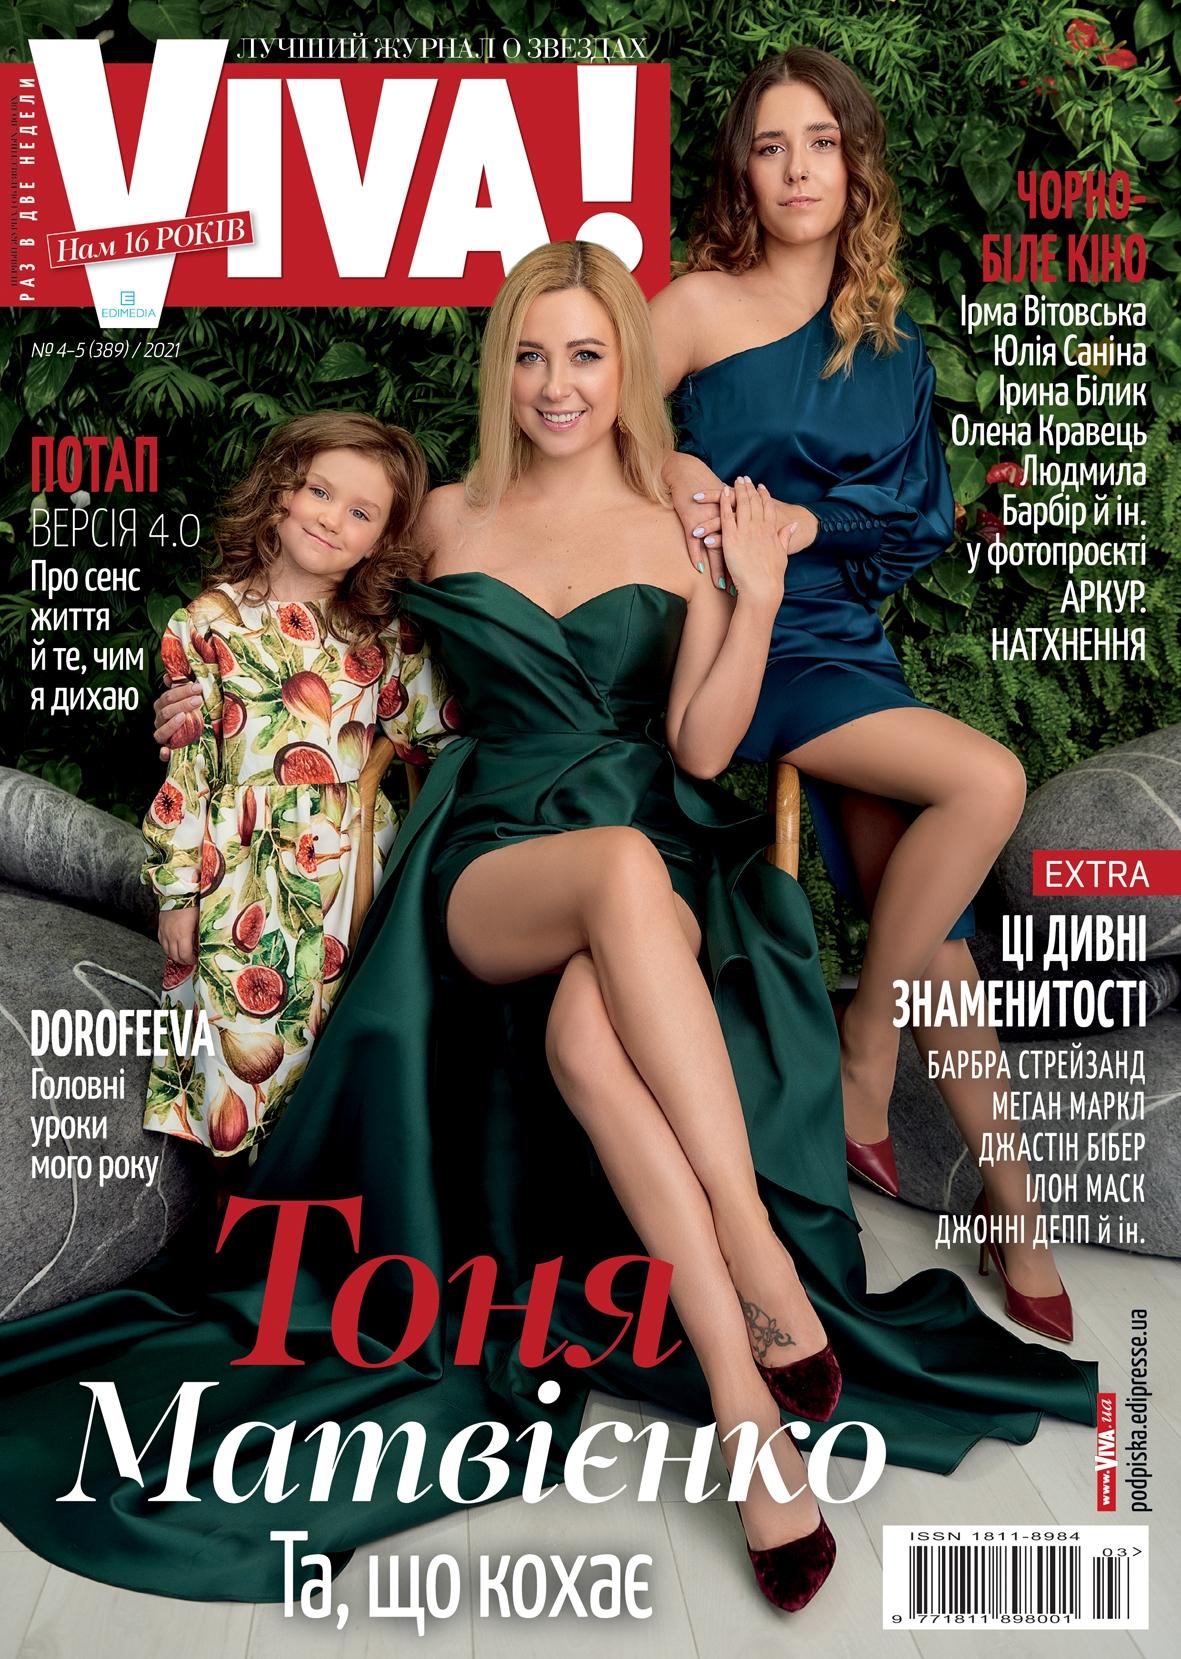 """""""Мені зараз 40 і мені кльово"""": Тоня Матвієнко з доньками прикрасила обкладинку глянцю та розповіла про свій вік (ФОТО) - фото №1"""